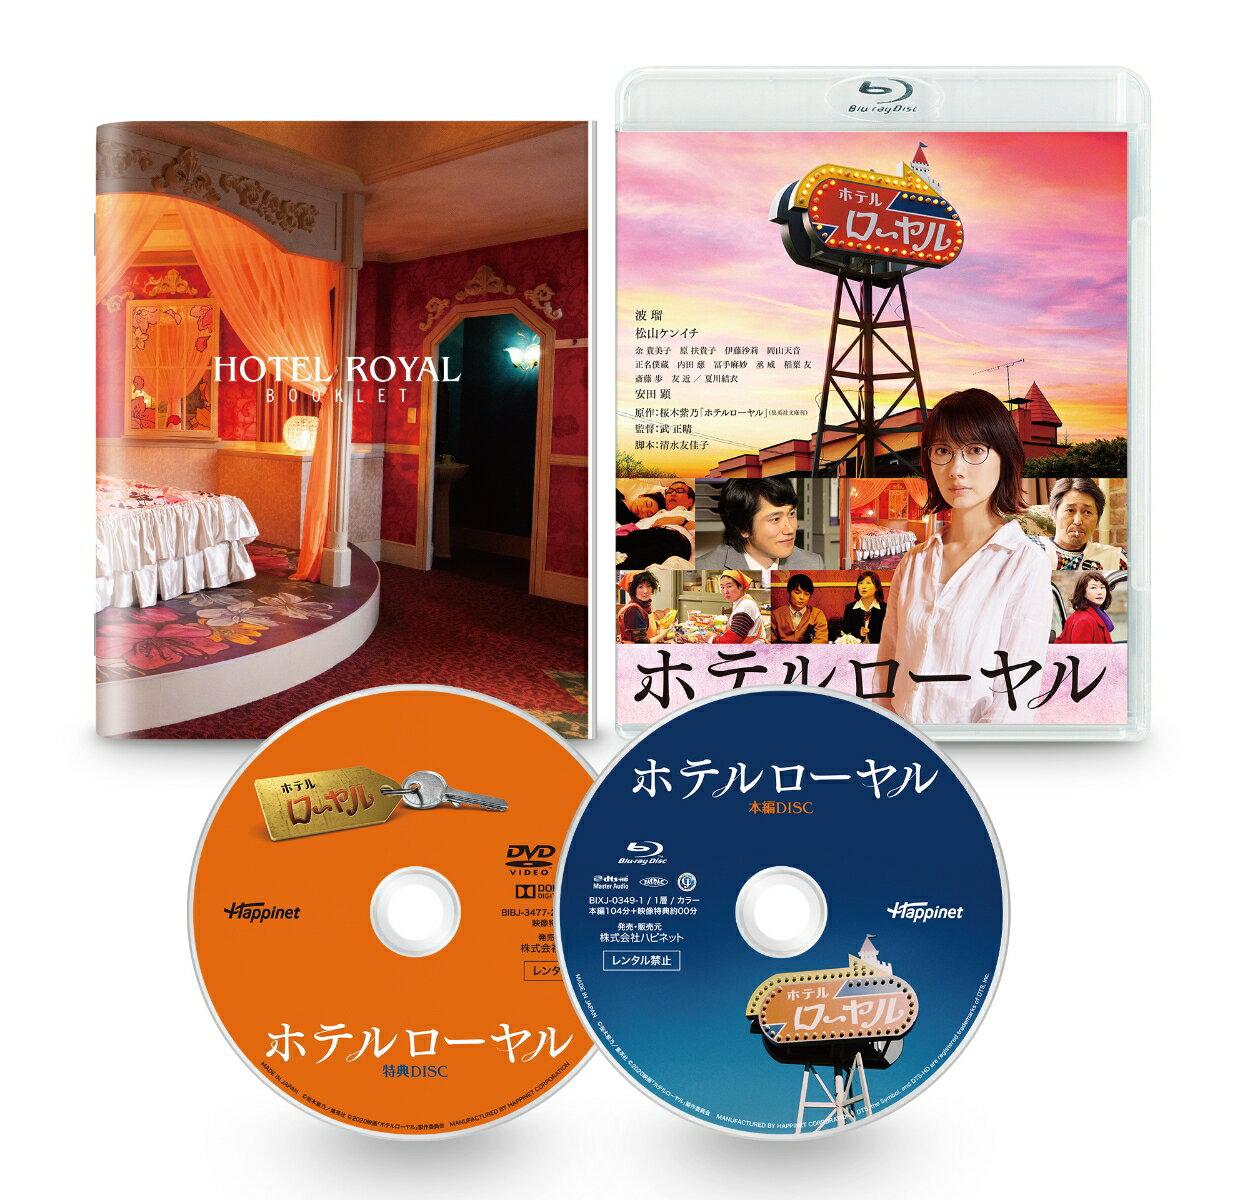 ホテルローヤル【Blu-ray】